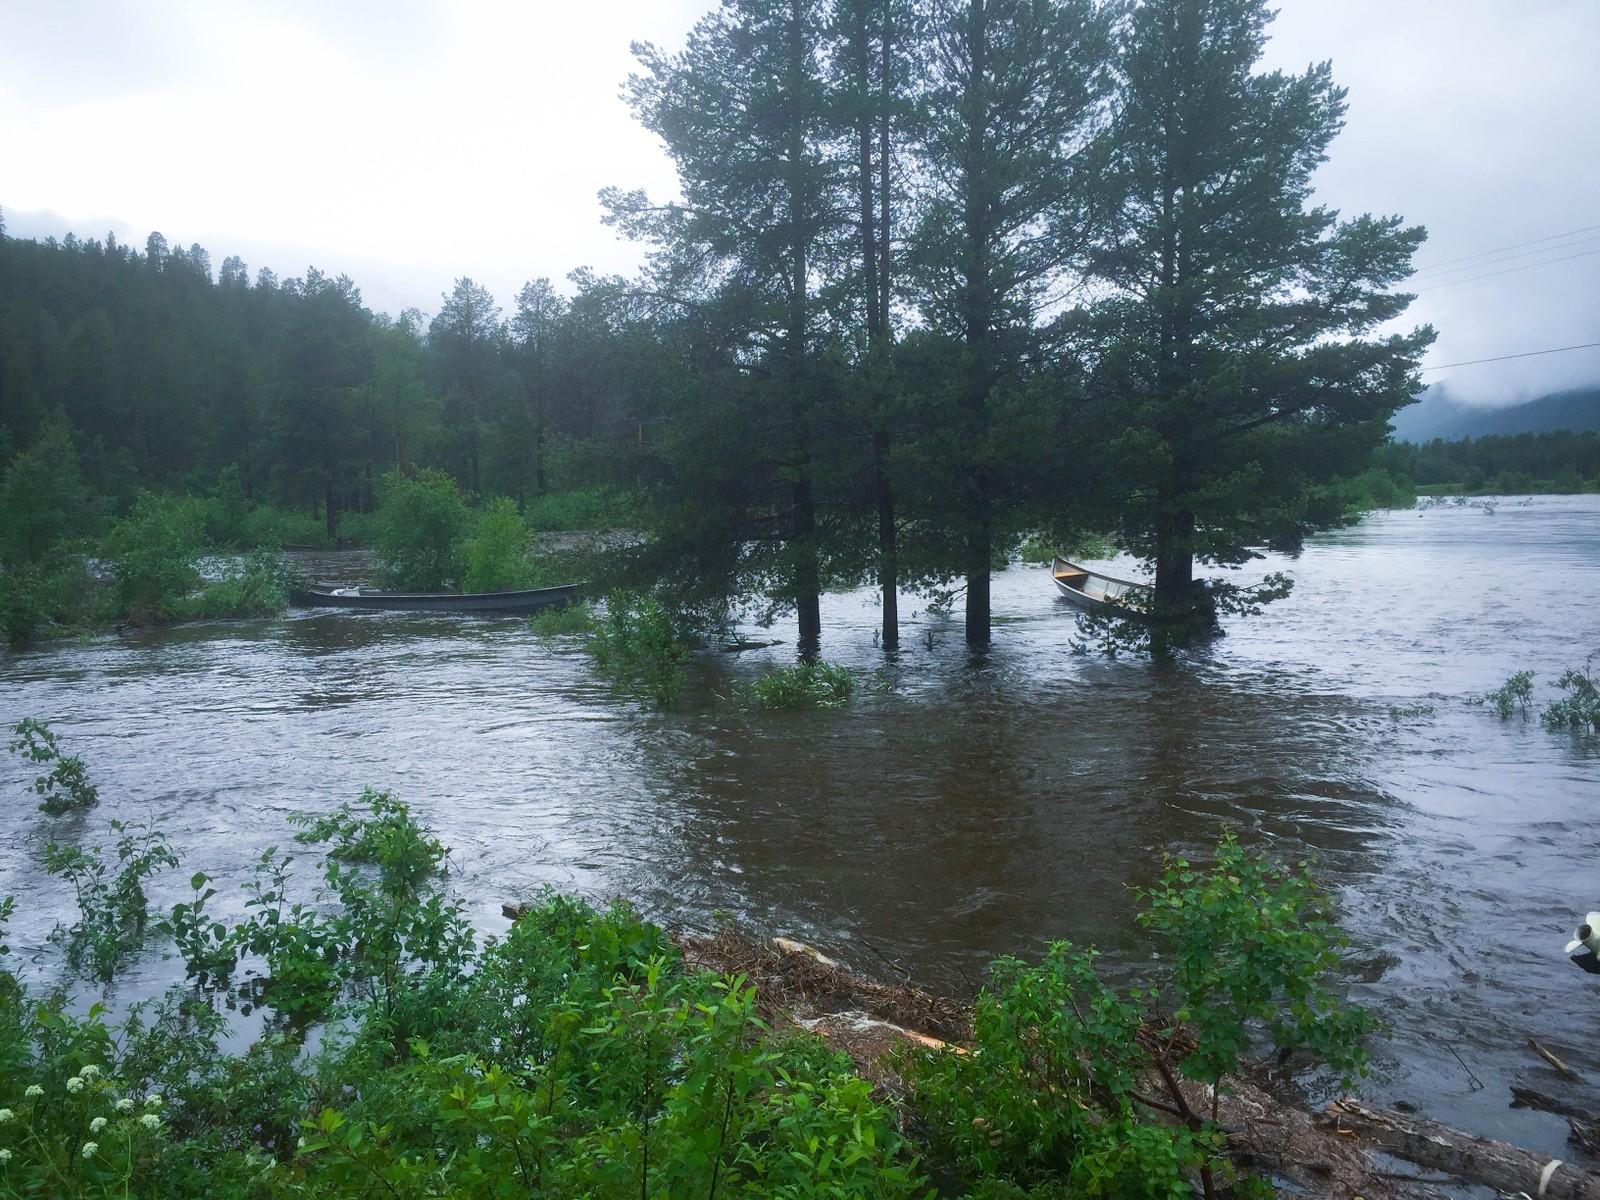 Flere elvebåter ble tatt av flommen i elva.